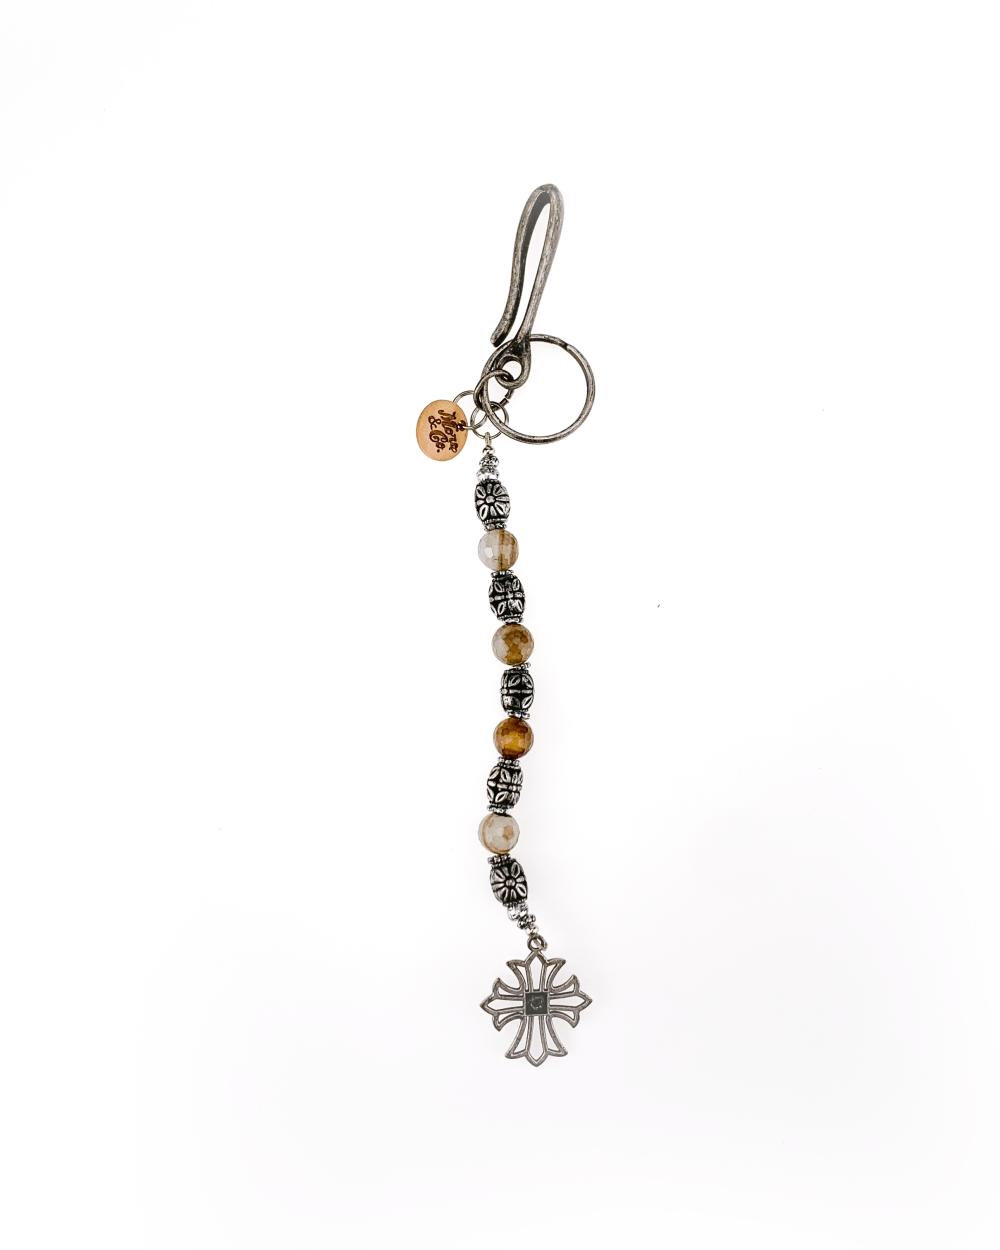 portachiavi accessori in metallo finitura argento antico, pietra agata dura.